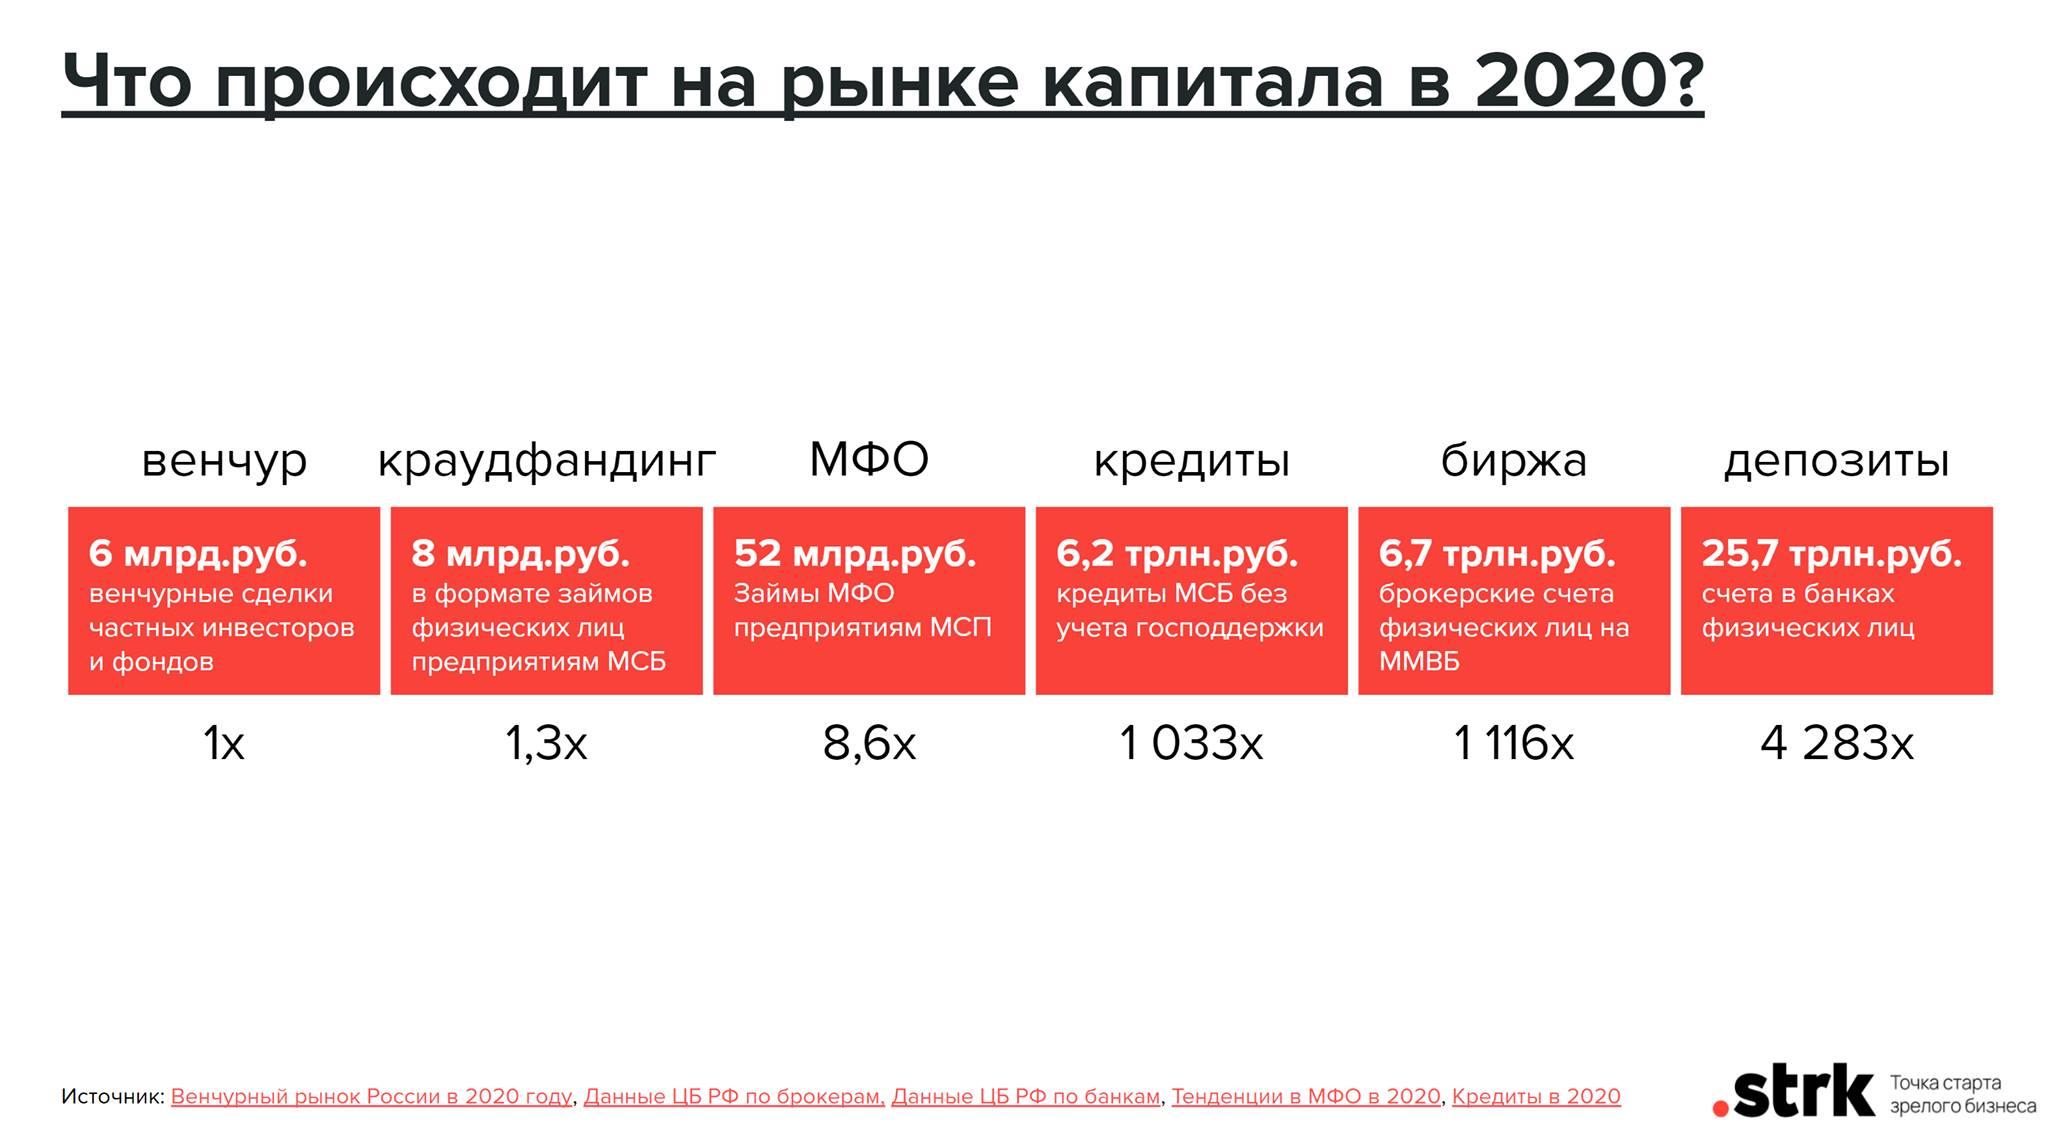 Объем капитала на рынках РФ